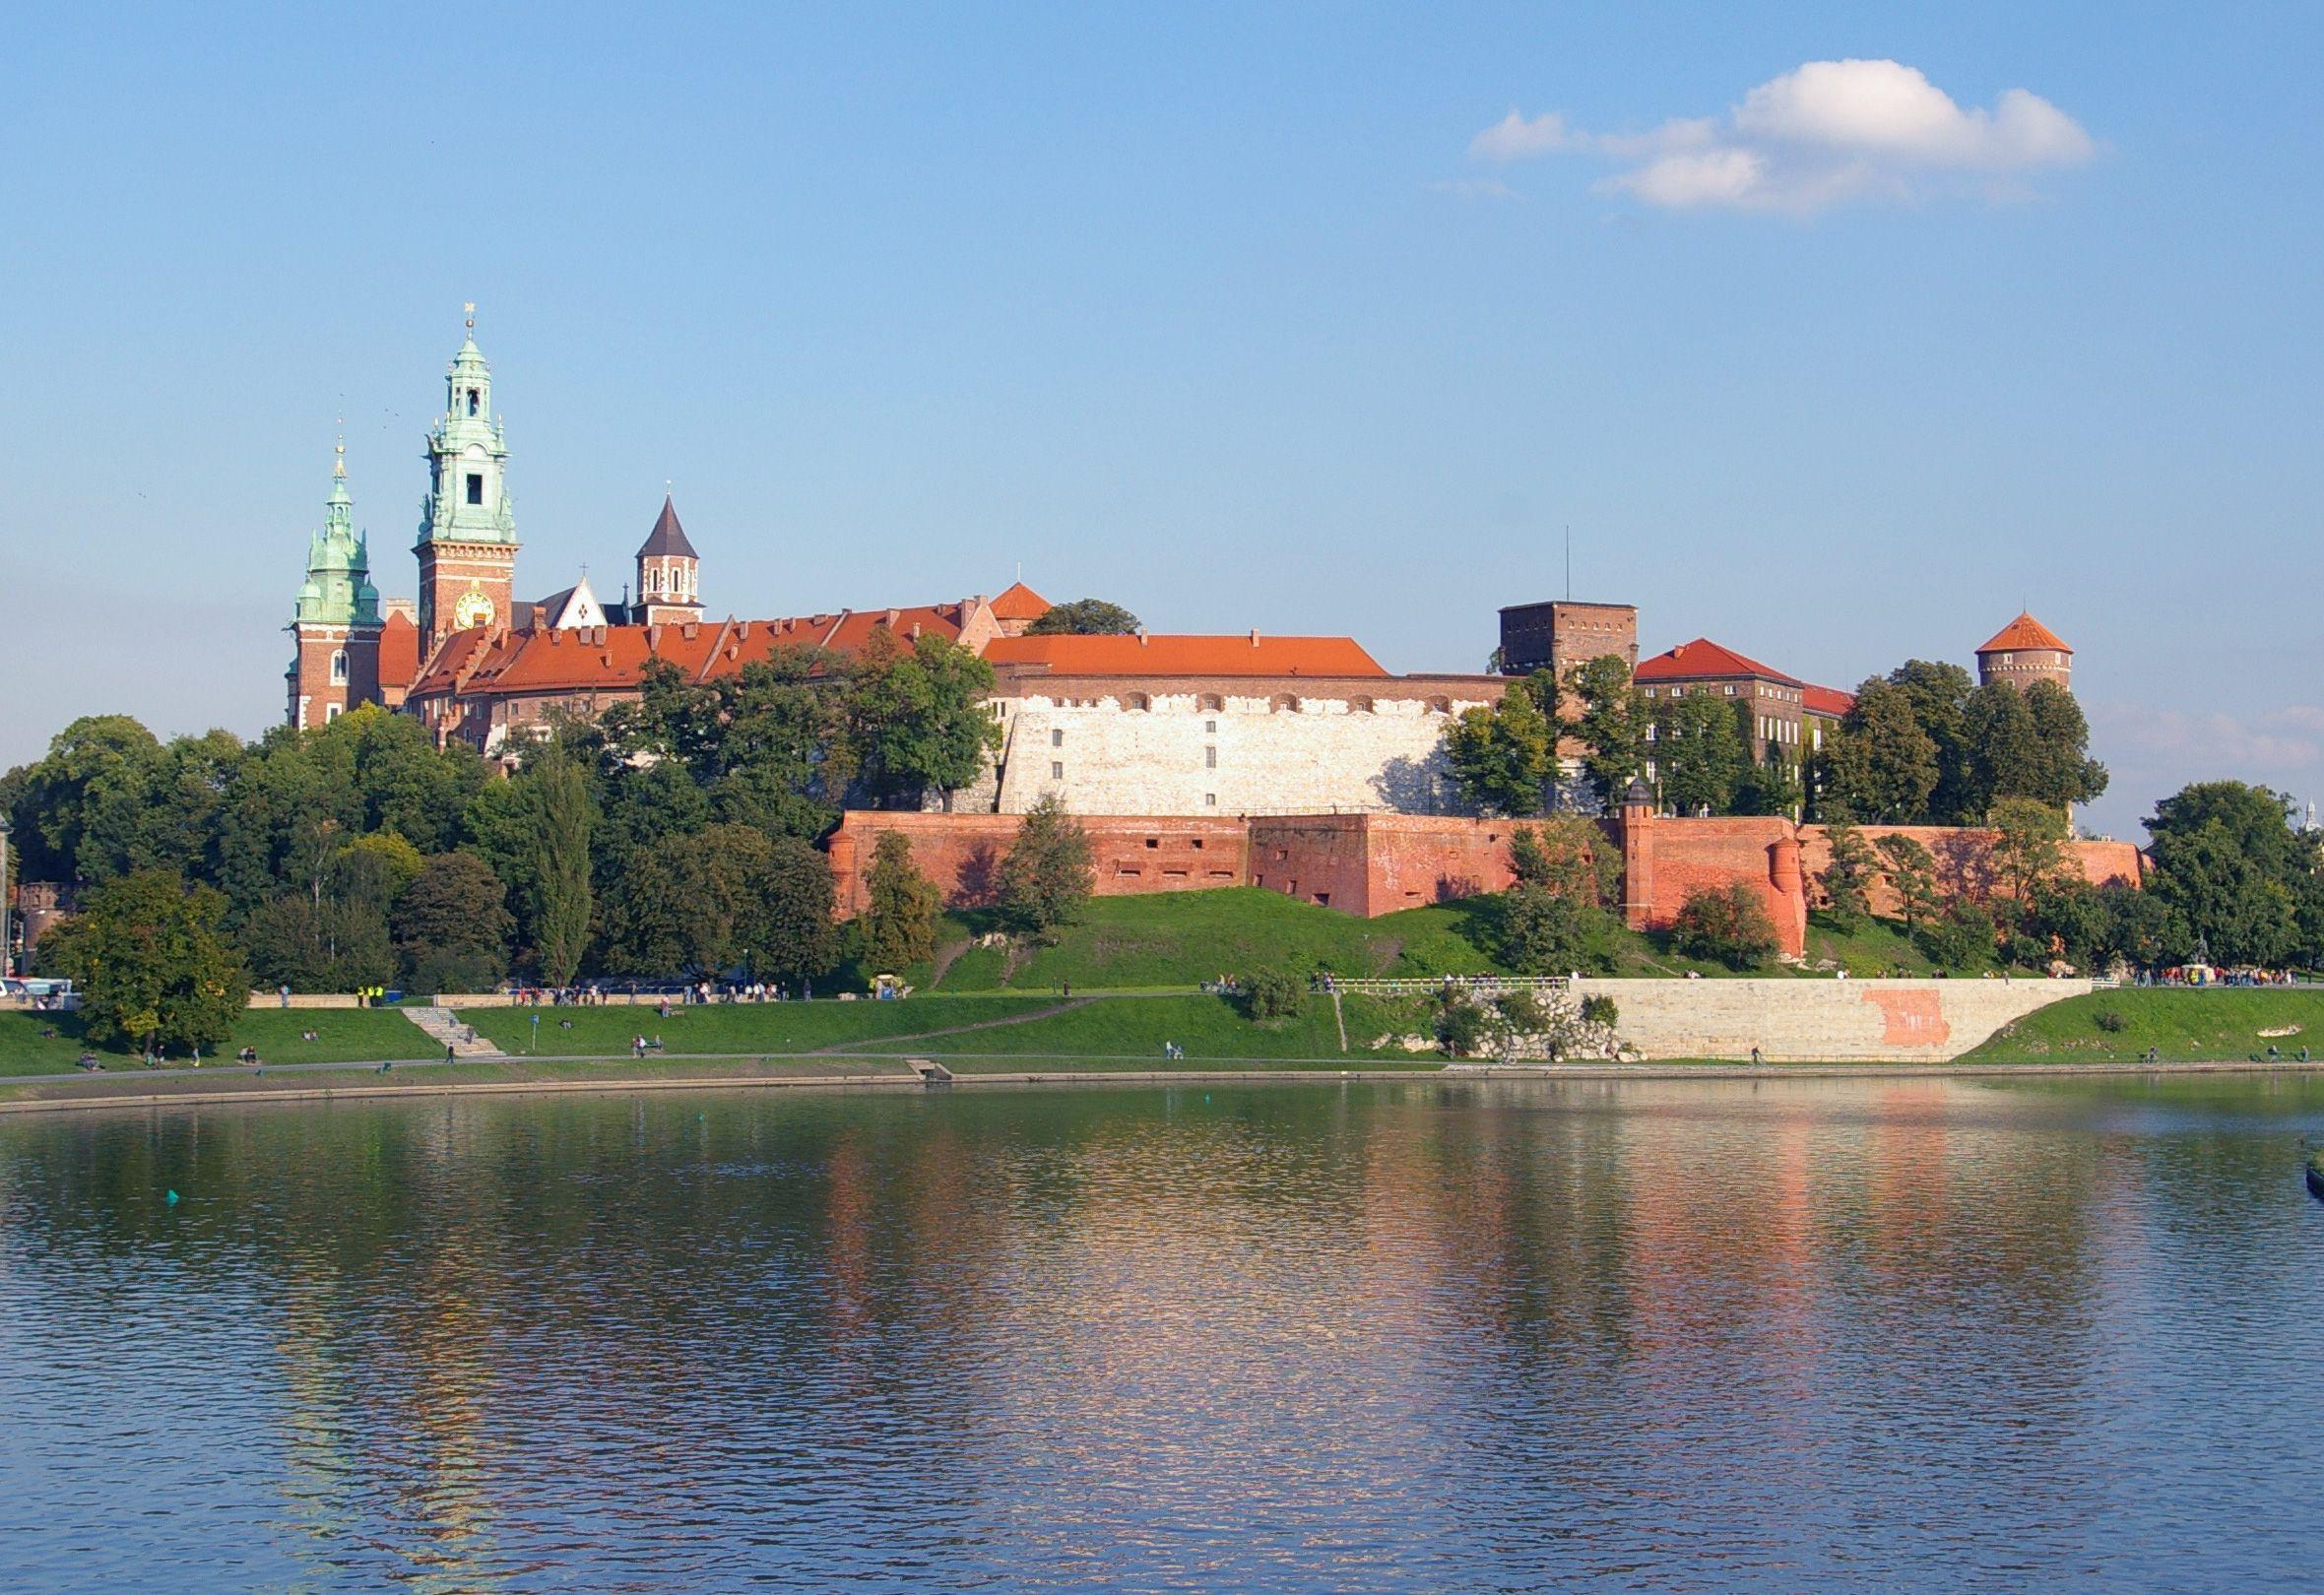 Krakow 4k